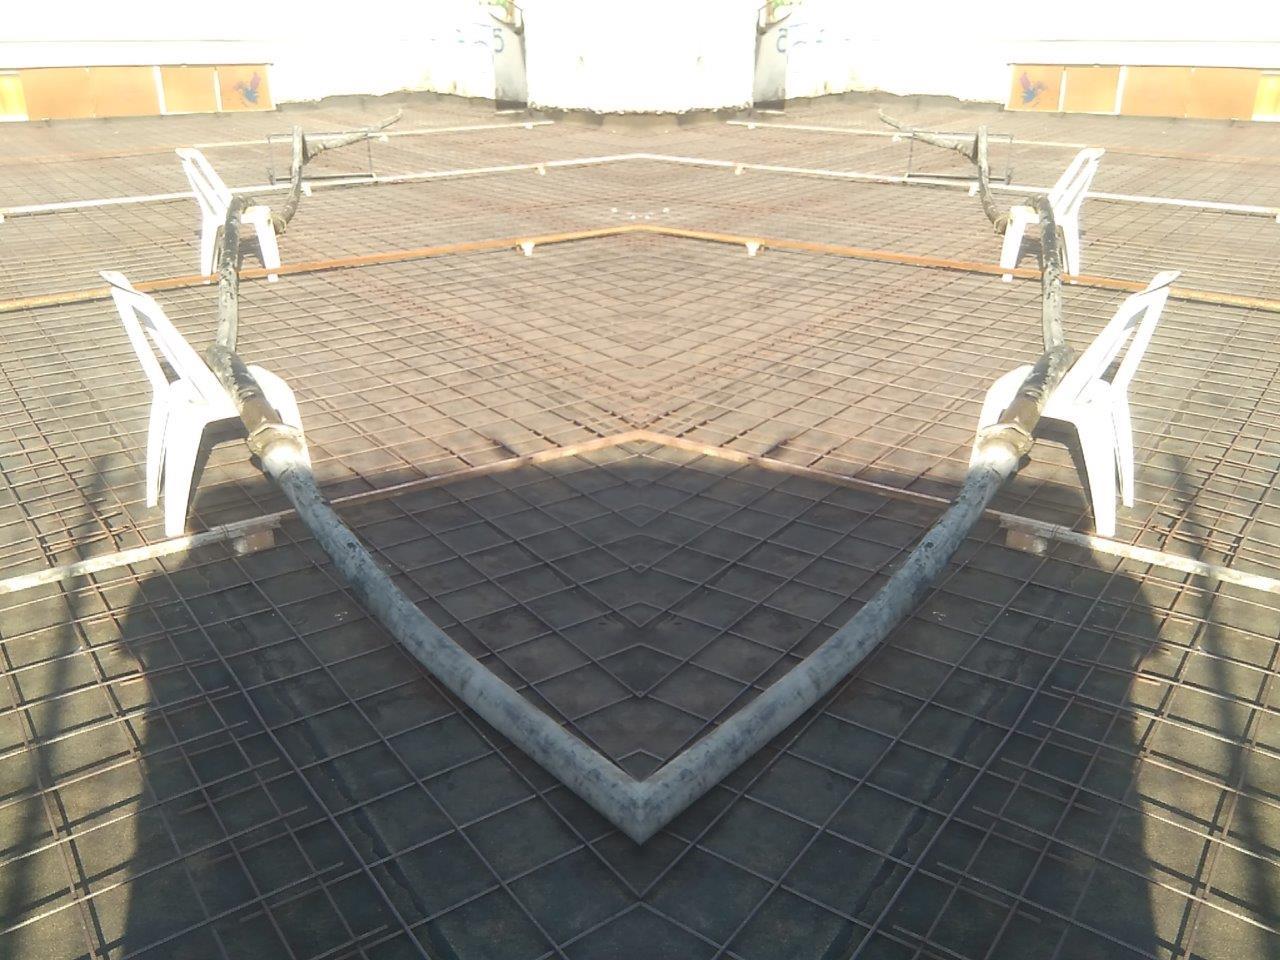 רצפת בטון מוחלק שלב יישום רשתות ברזל